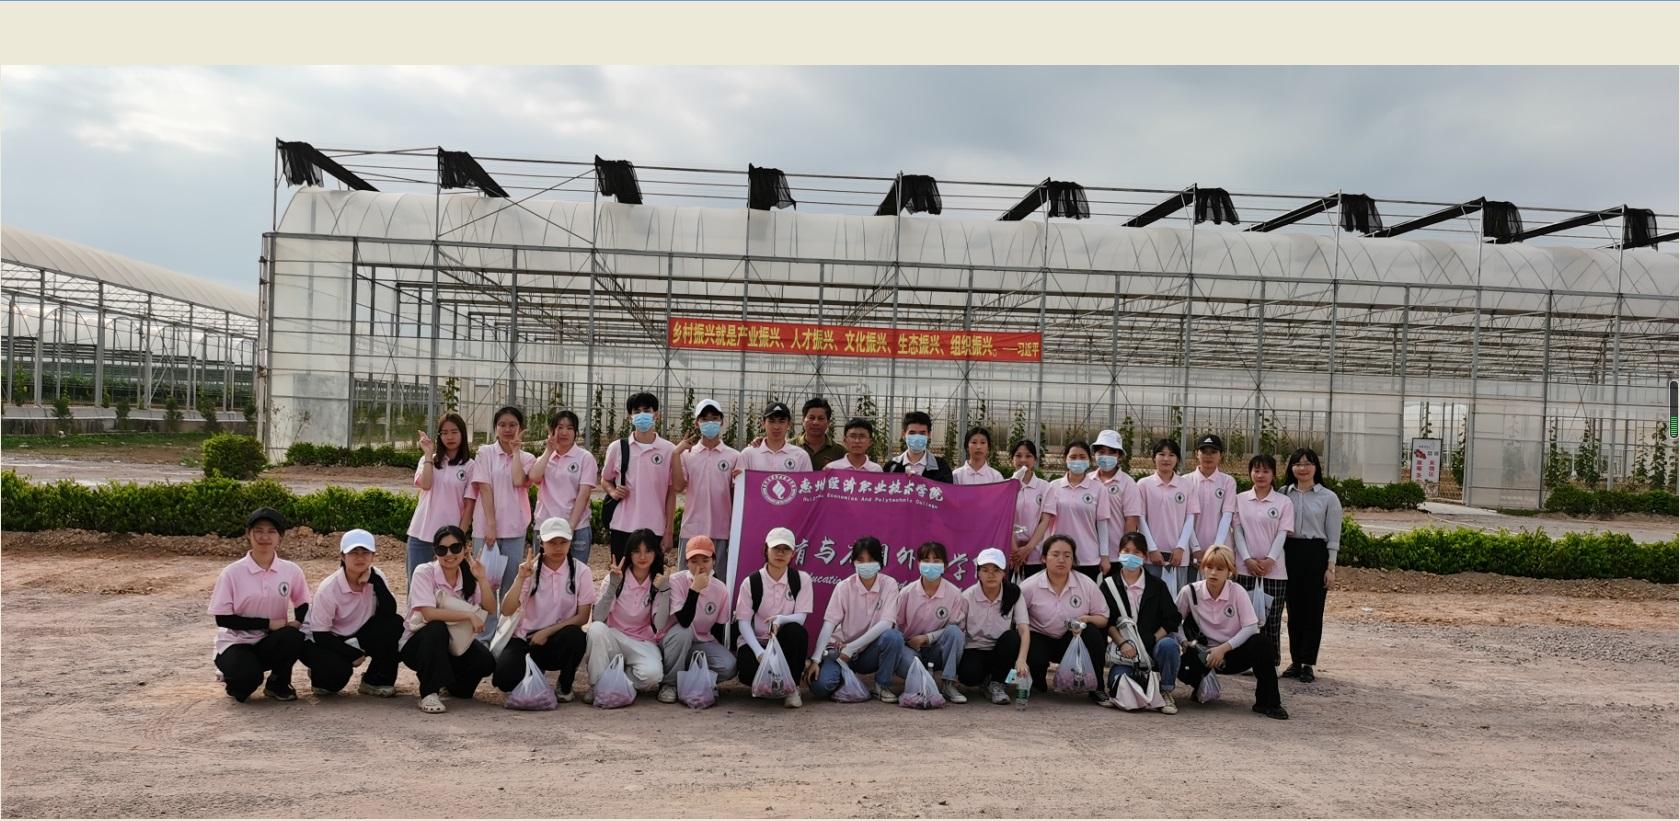 我为乡村振兴出点力-教外学生再到马安镇龙塘村神农兰香谷葡萄园社会实践